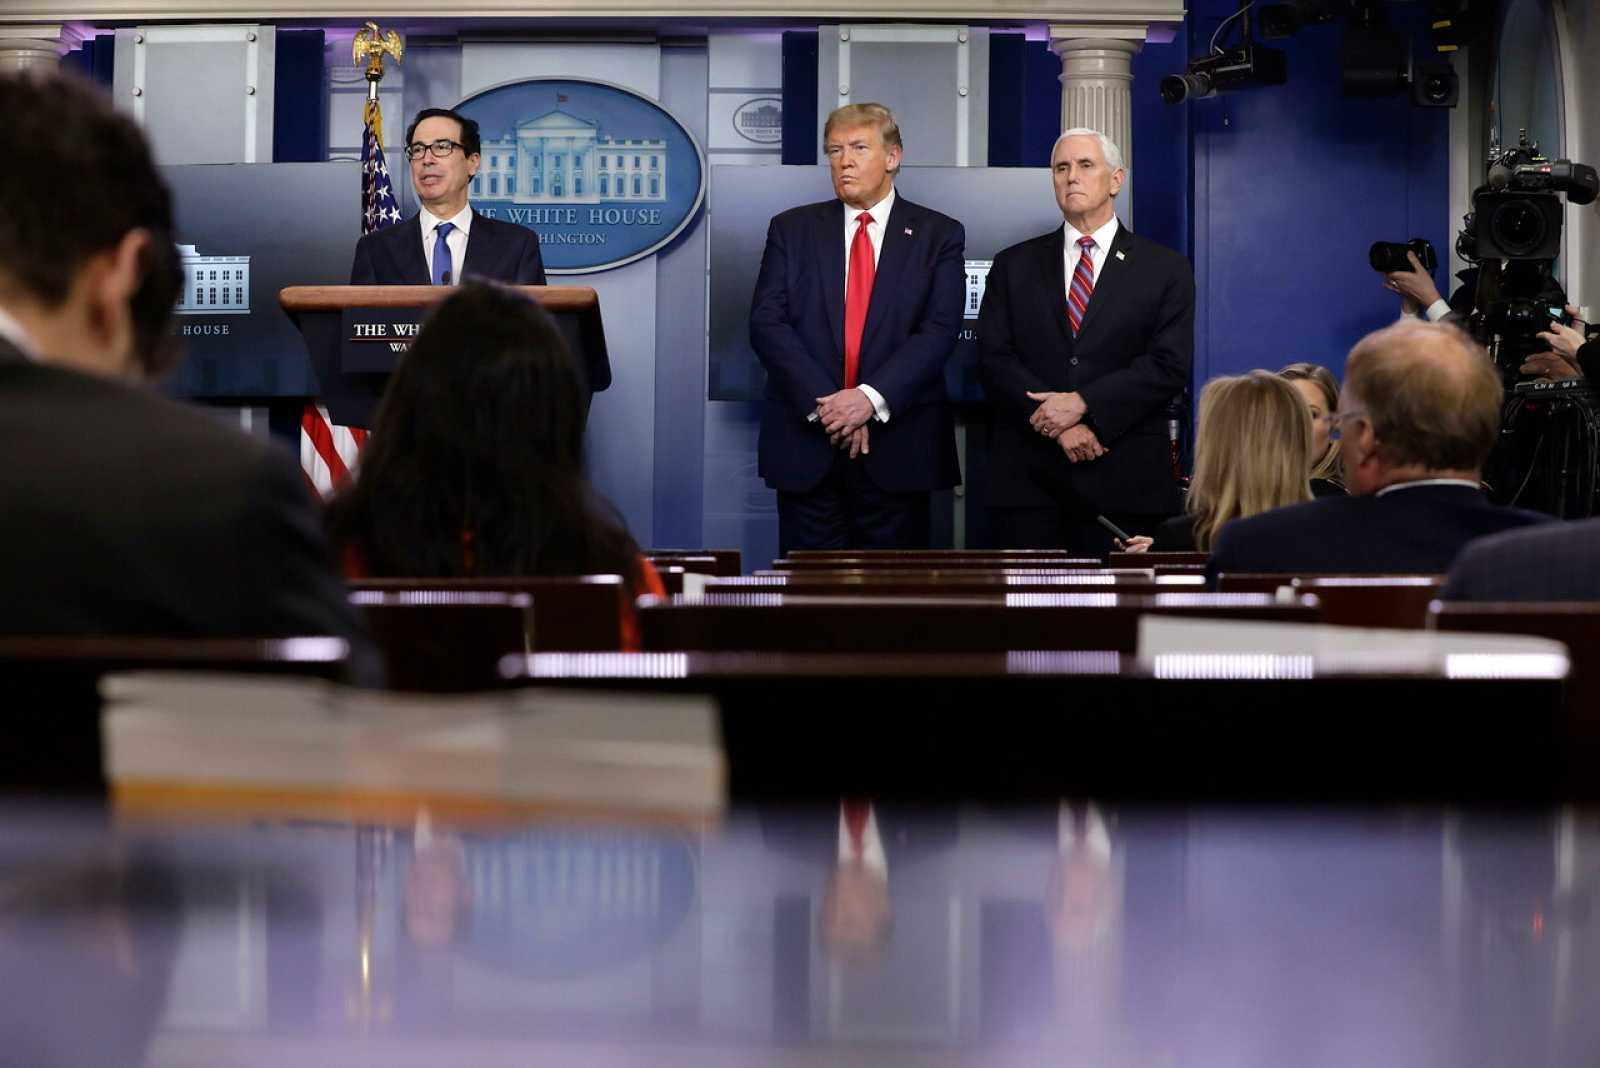 El Presidente Donald J. Trump (C),el Secretario del Tesoro Steve Mnuchin (I) y el Vicepresidente Mike Pence (D)